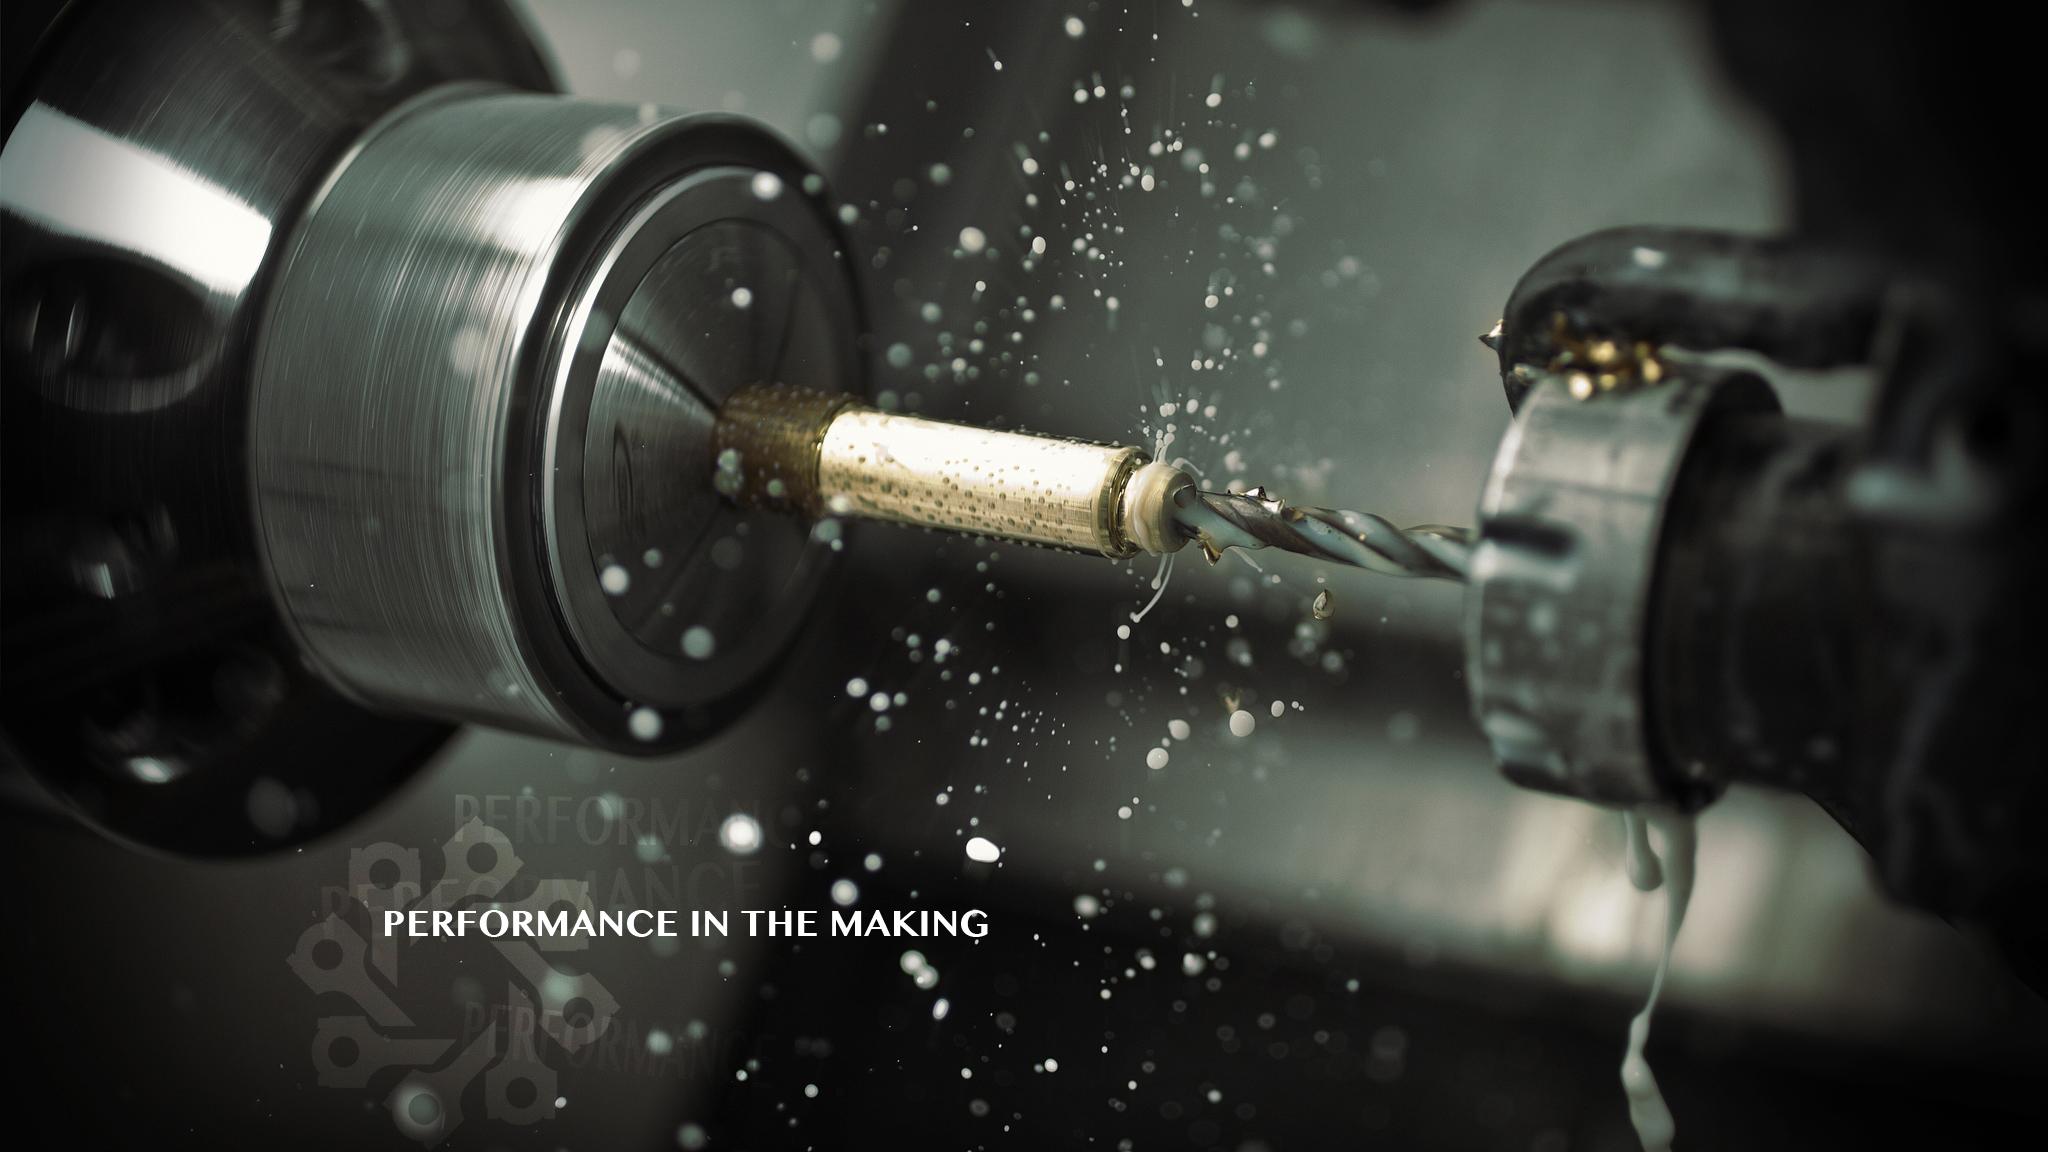 CNC Wallpaper CNC Turning jpg Image